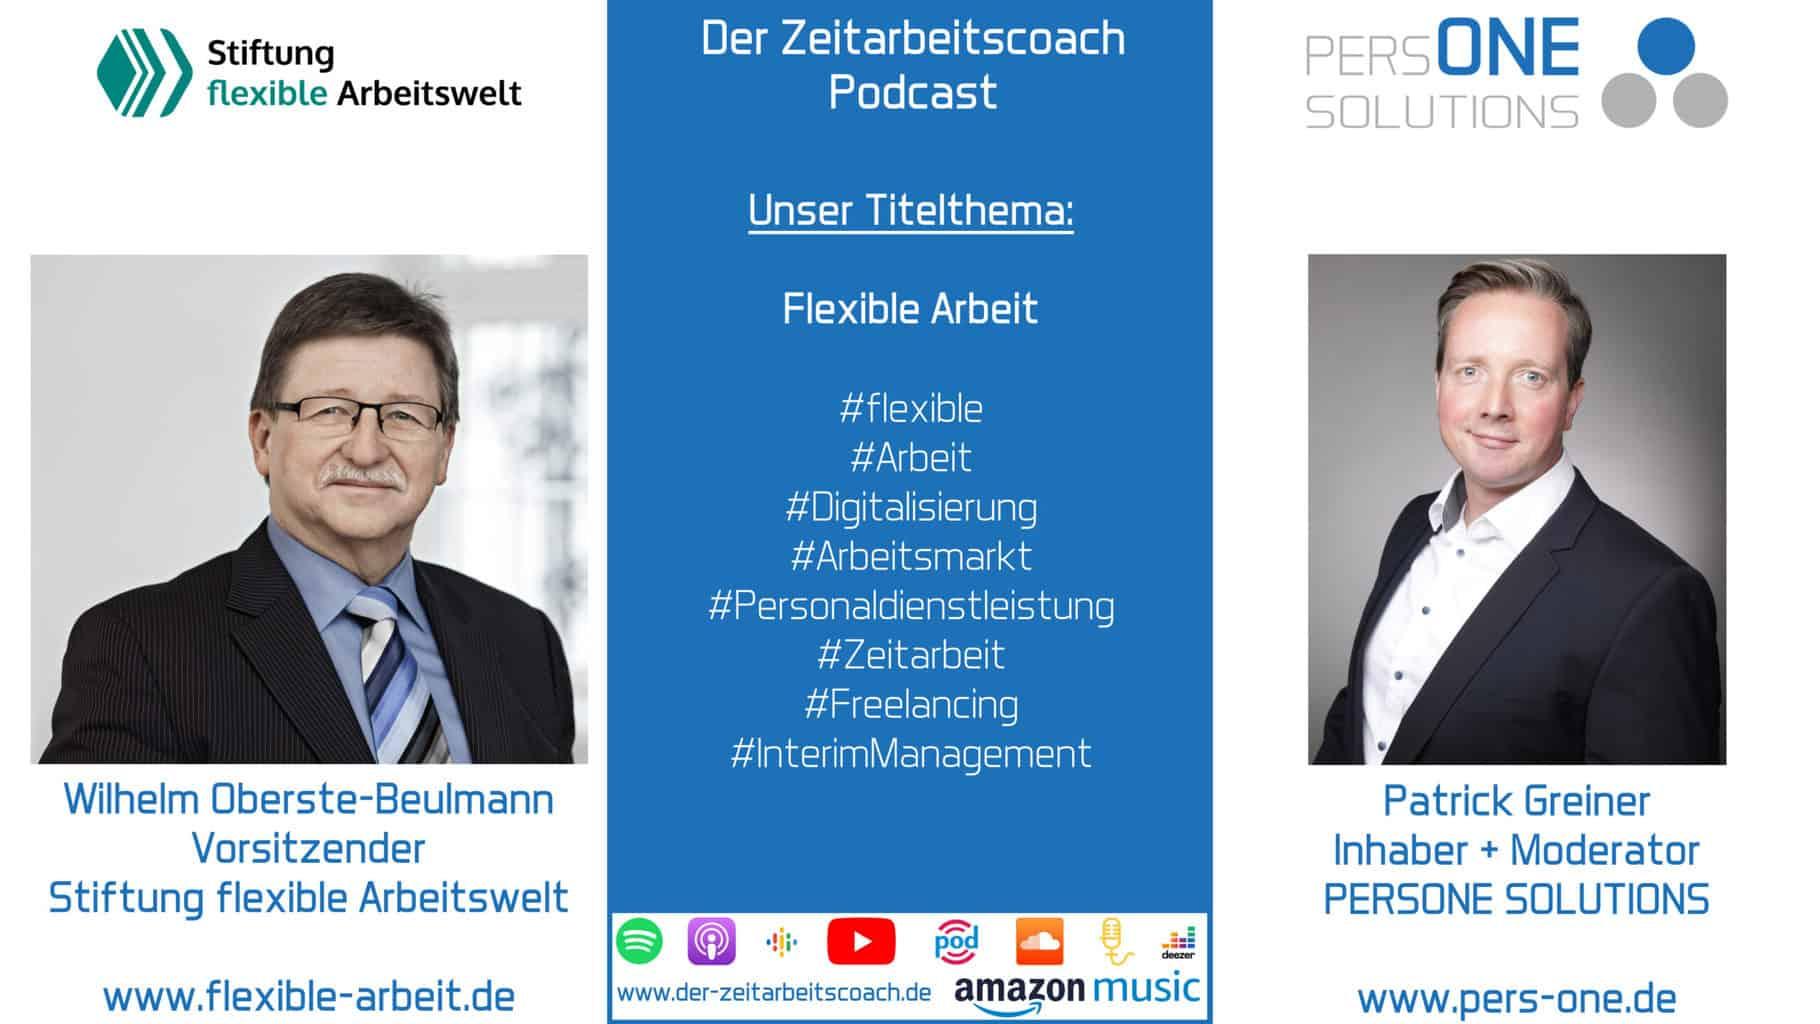 Oberste-Beulmann_Podcast SM Grafik_Zeitarbeitscoach Podcast